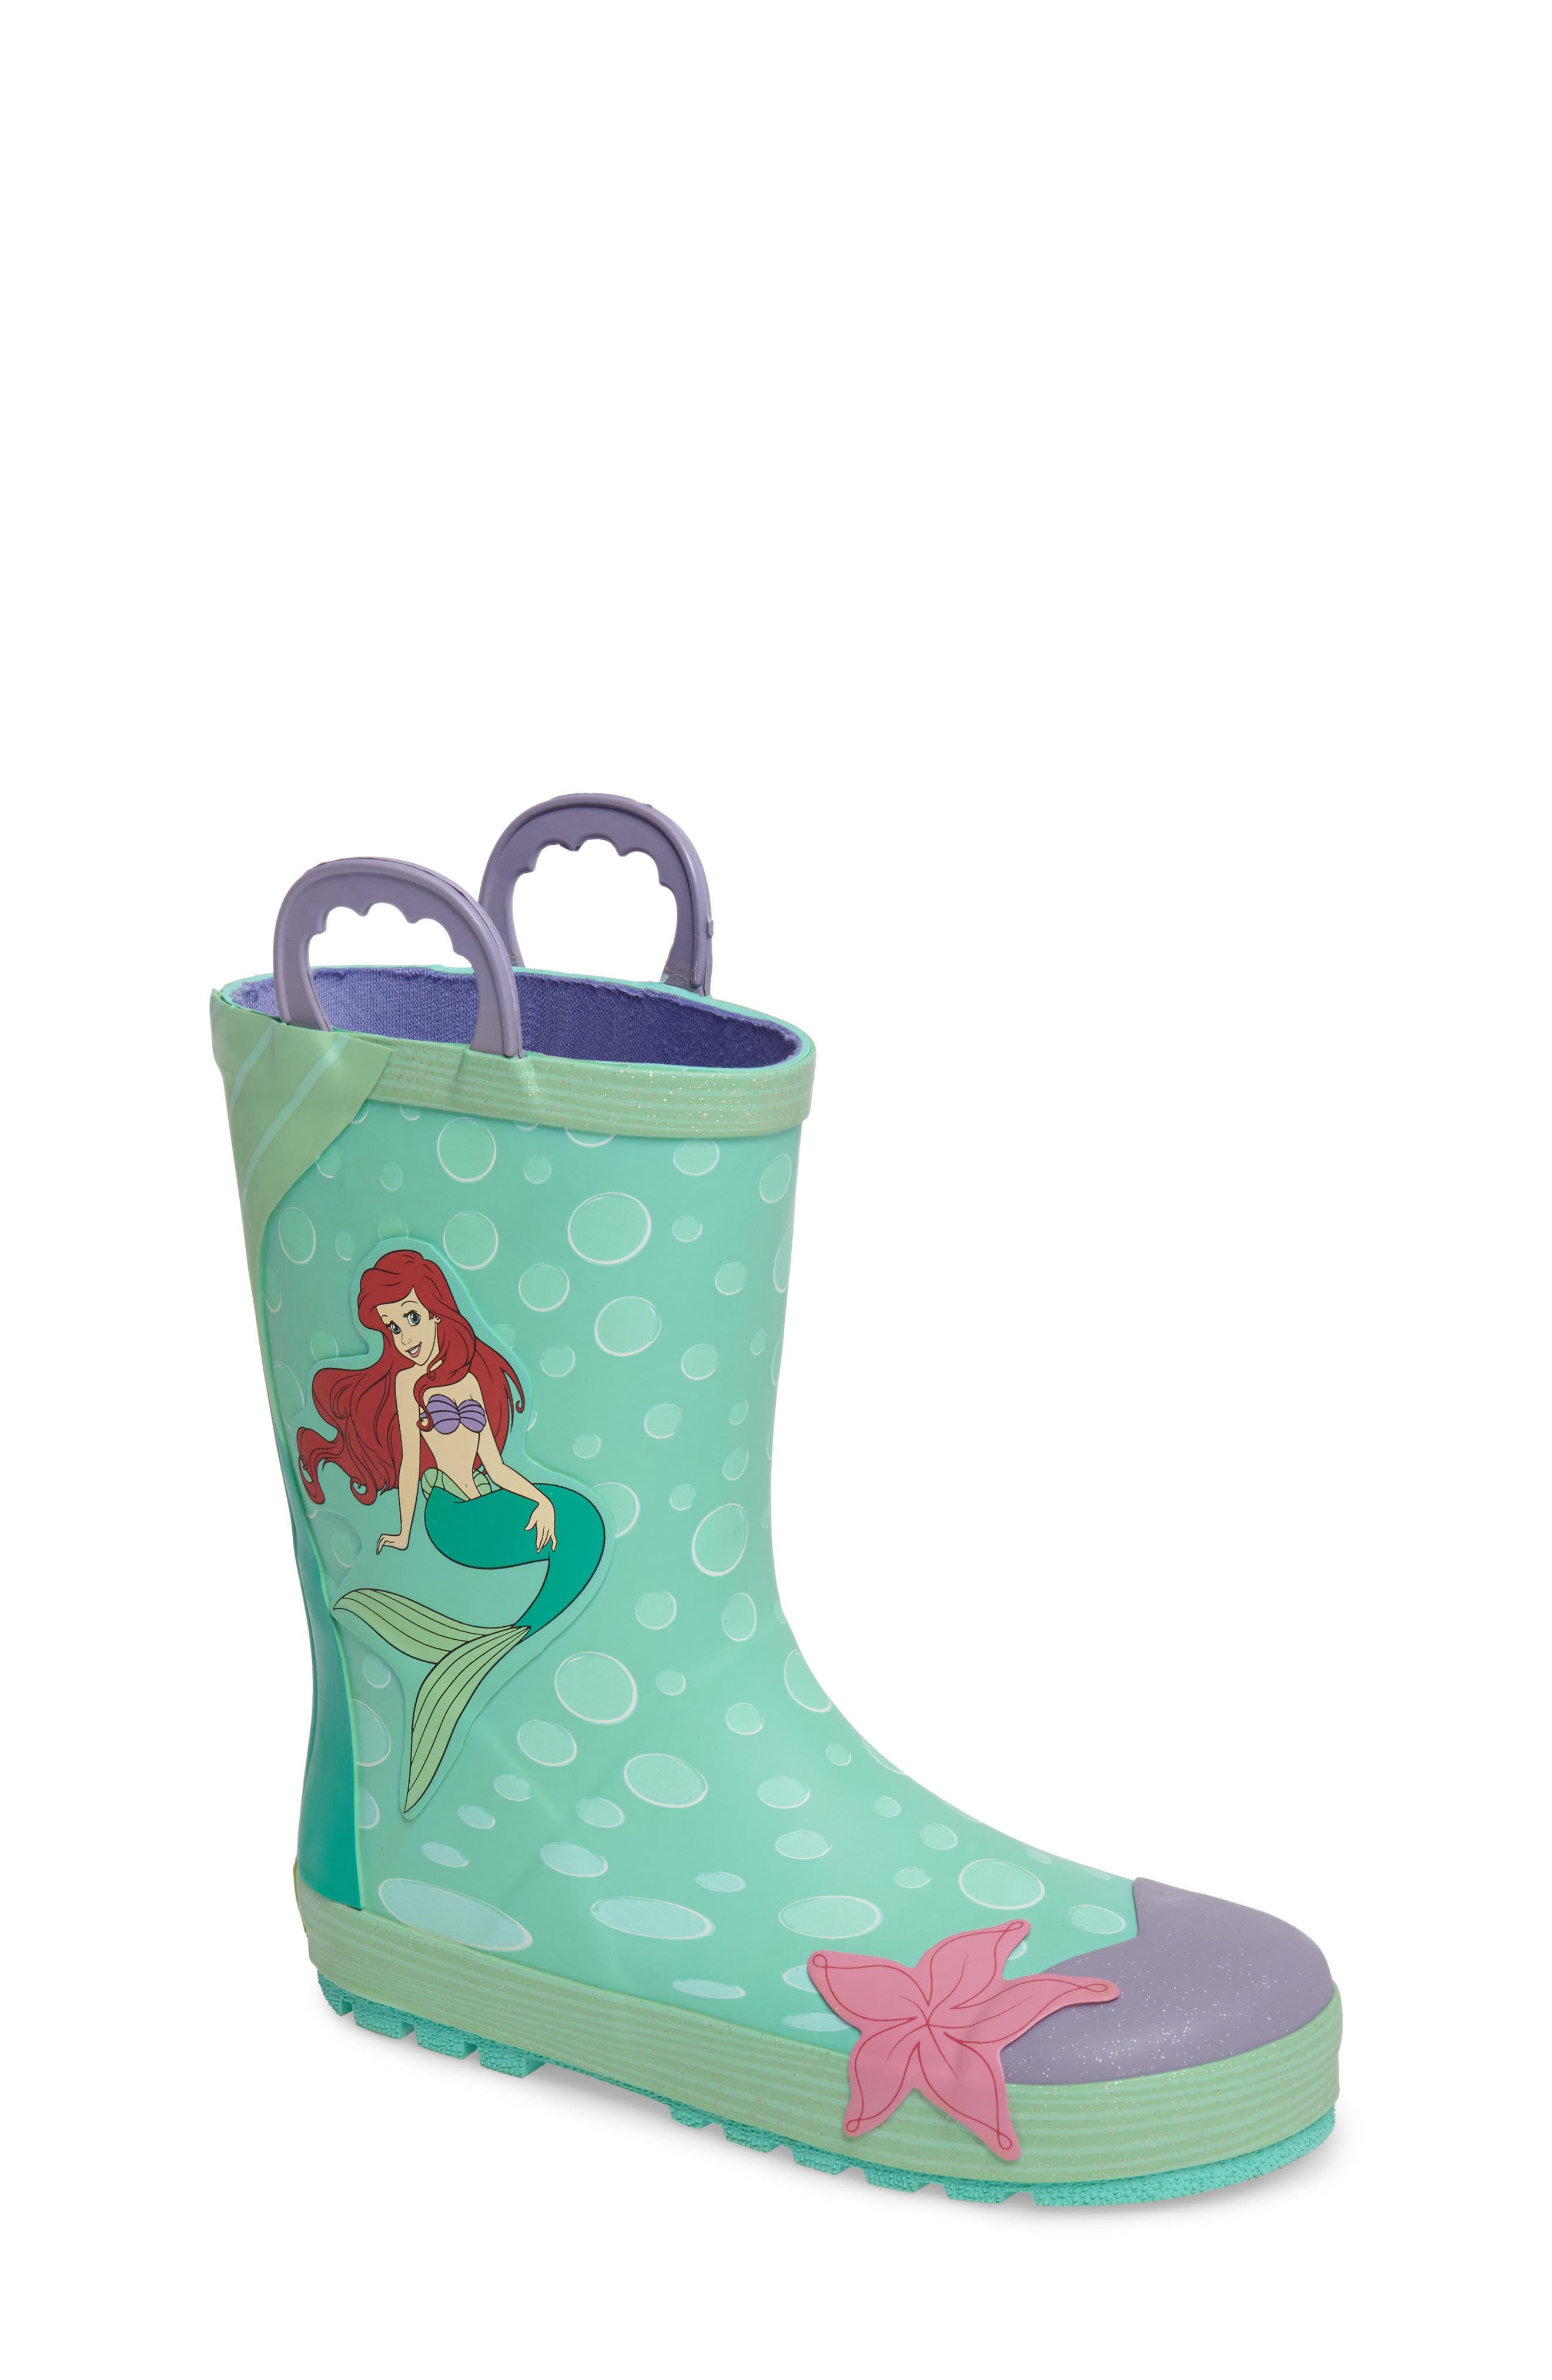 Alternate Image 1 Selected - Western Chief Ariel Rain Boot (Walker, Toddler, Little Kid & Big Kid)